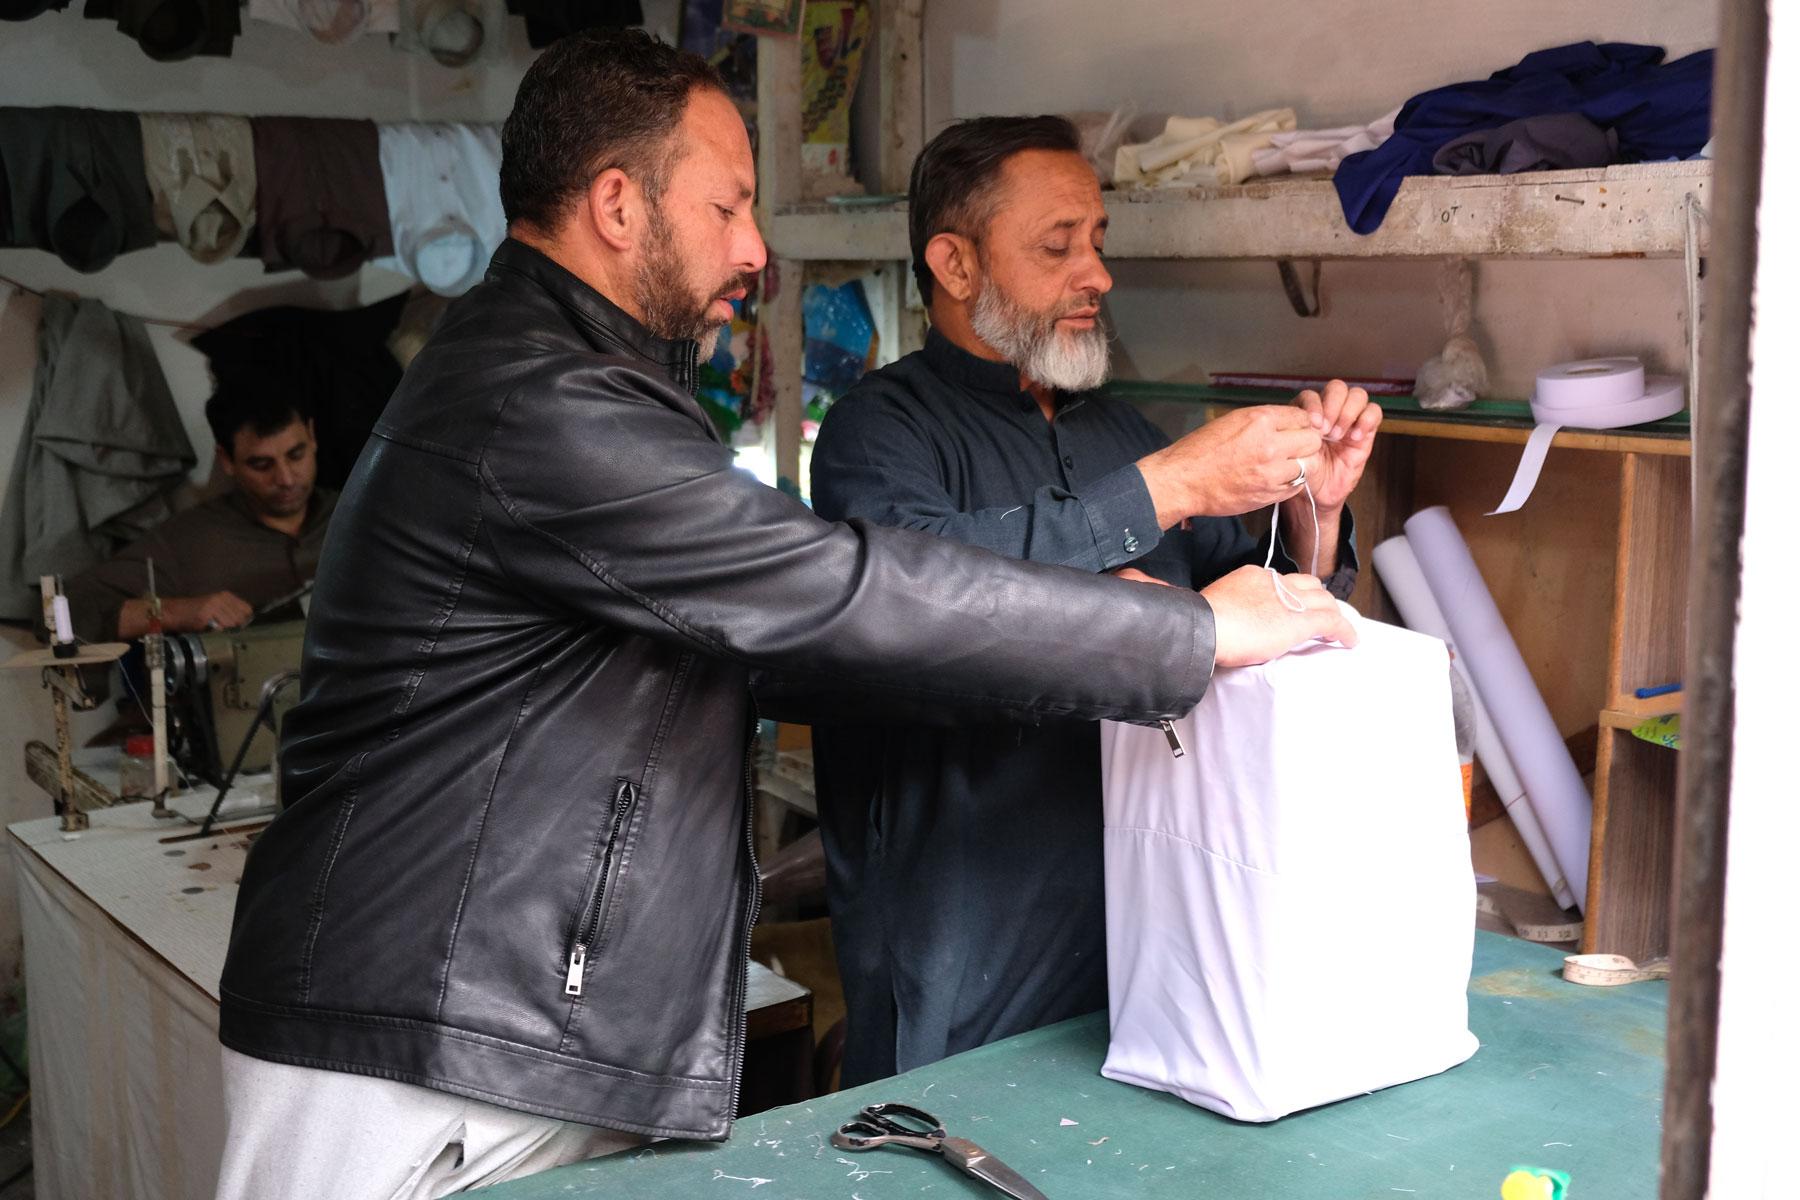 Das war uns ganz neu: Päckchen müssen in Pakistan in weißen Stoff eingenäht werden, bevor sie verschickt werden können. Sieht auf jeden Fall nett aus!